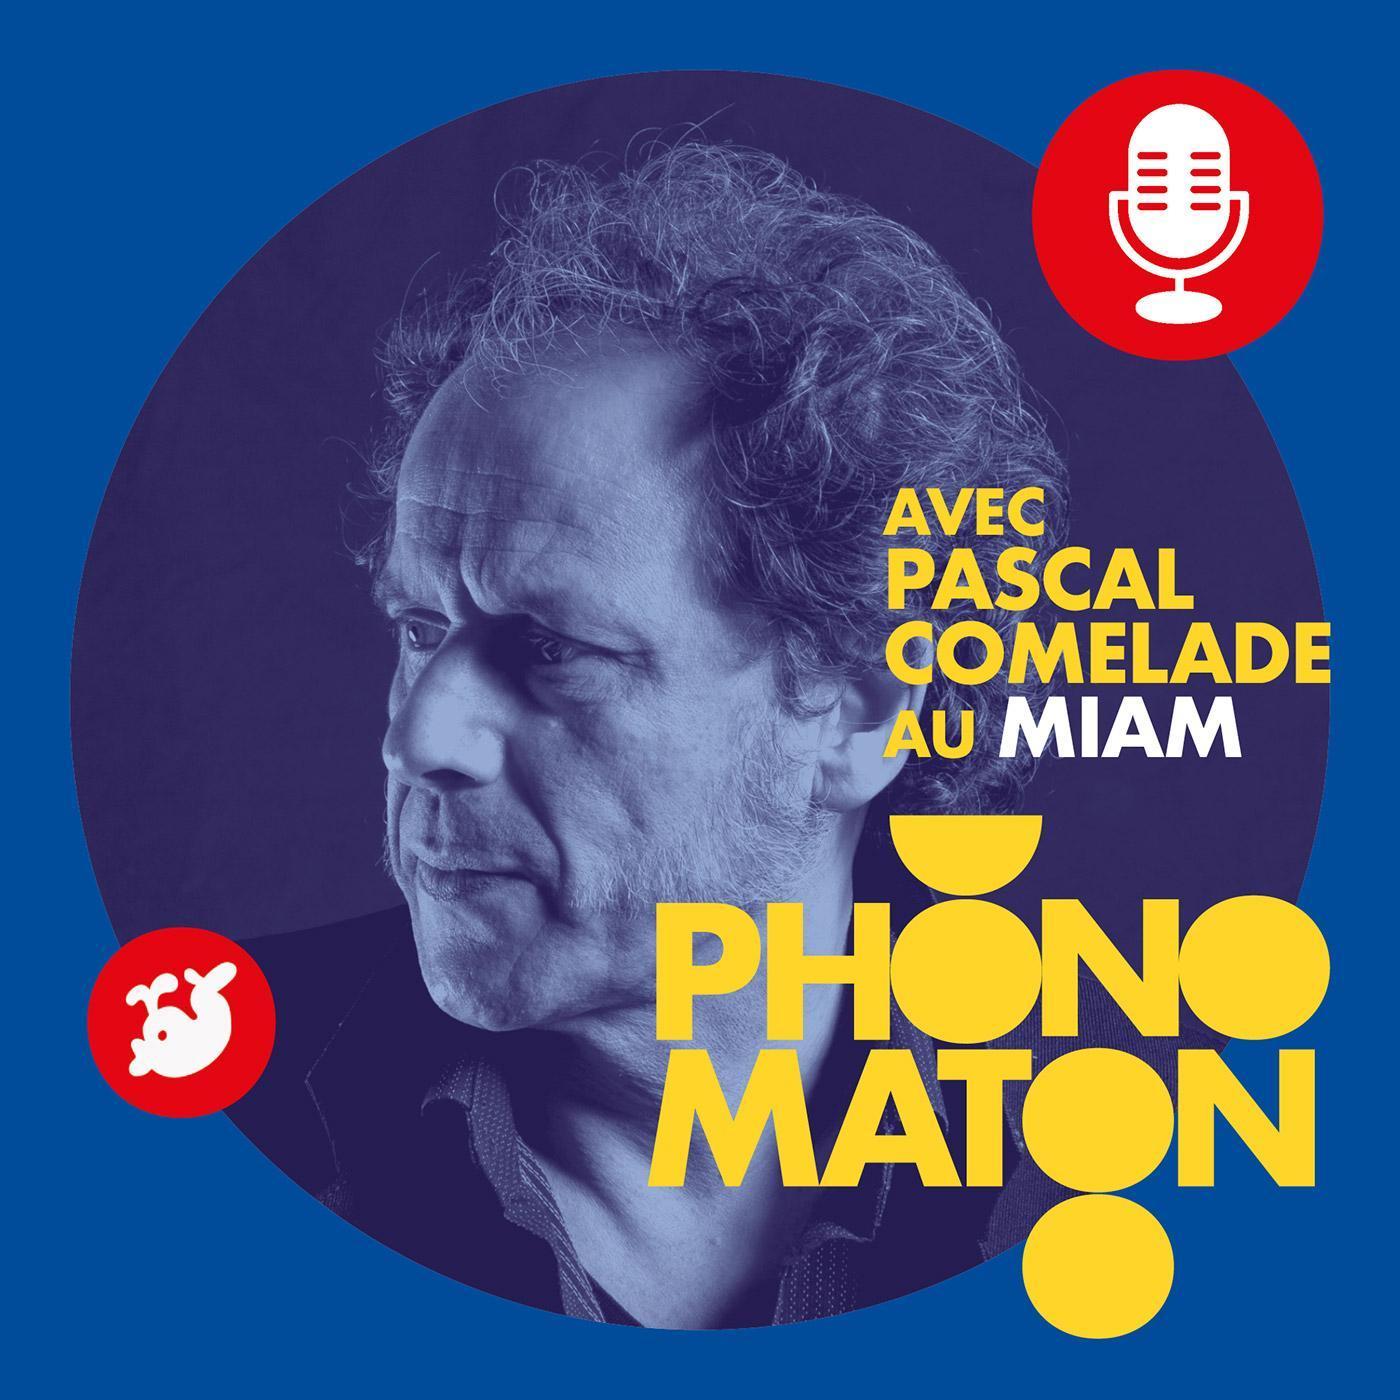 Phonomaton avec Pascal Comelade au MIAM